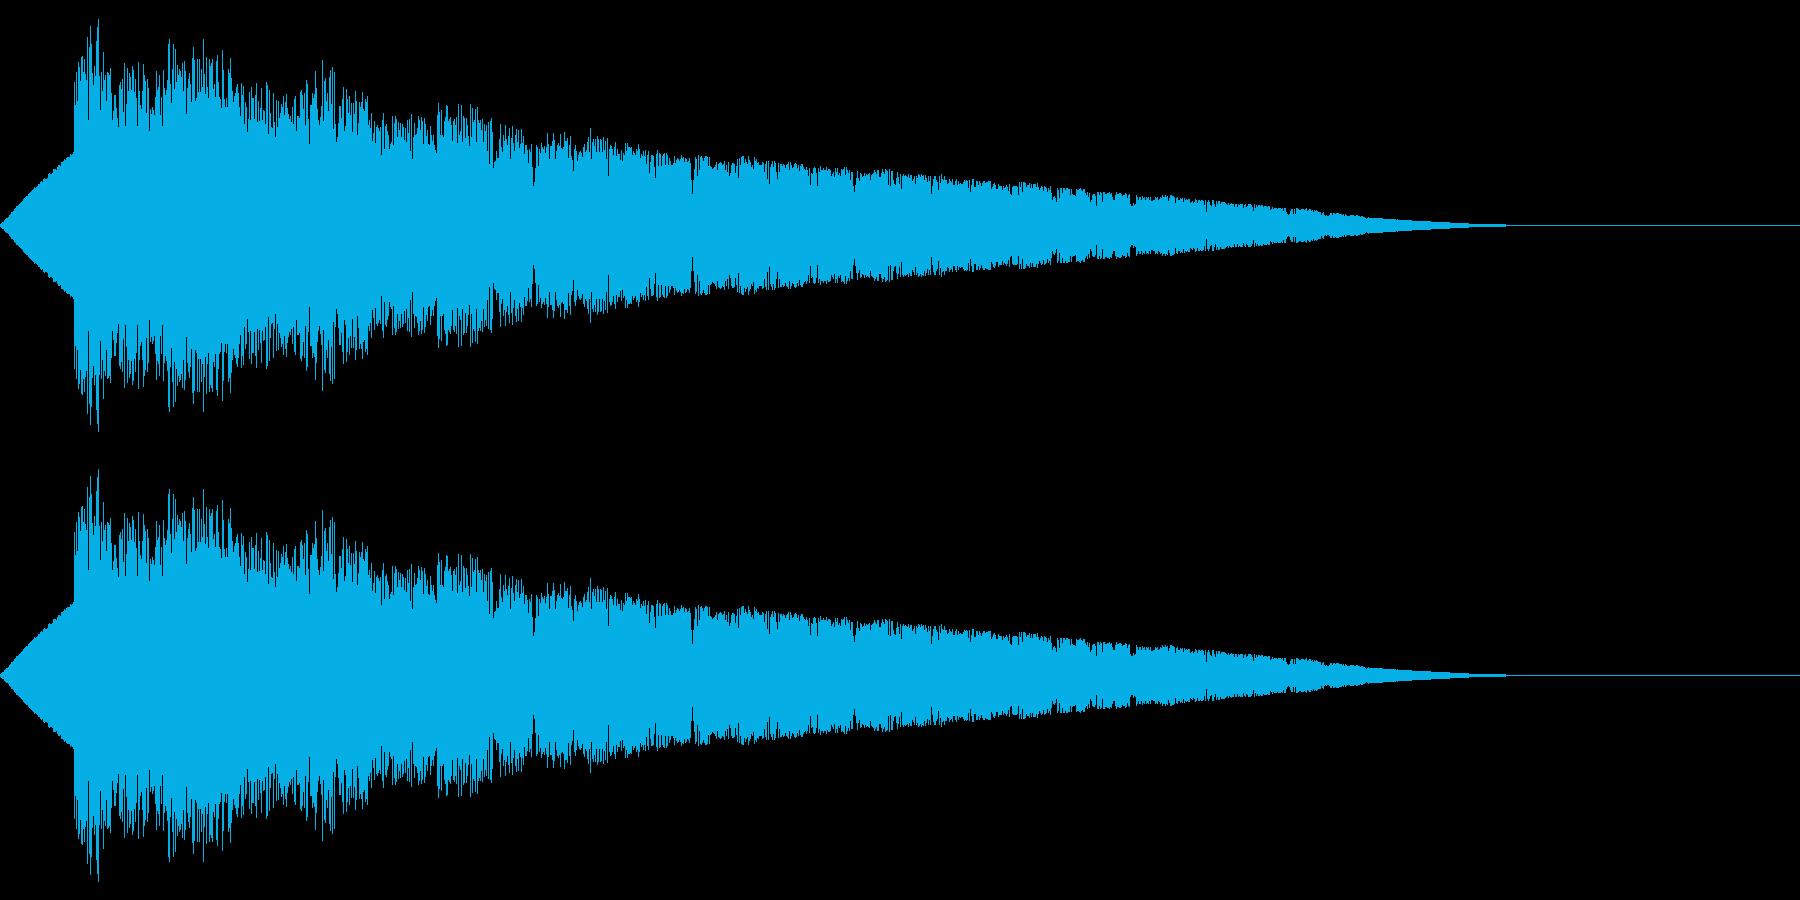 ピヨピヨピー(ファミコン/ワープ/宇宙の再生済みの波形